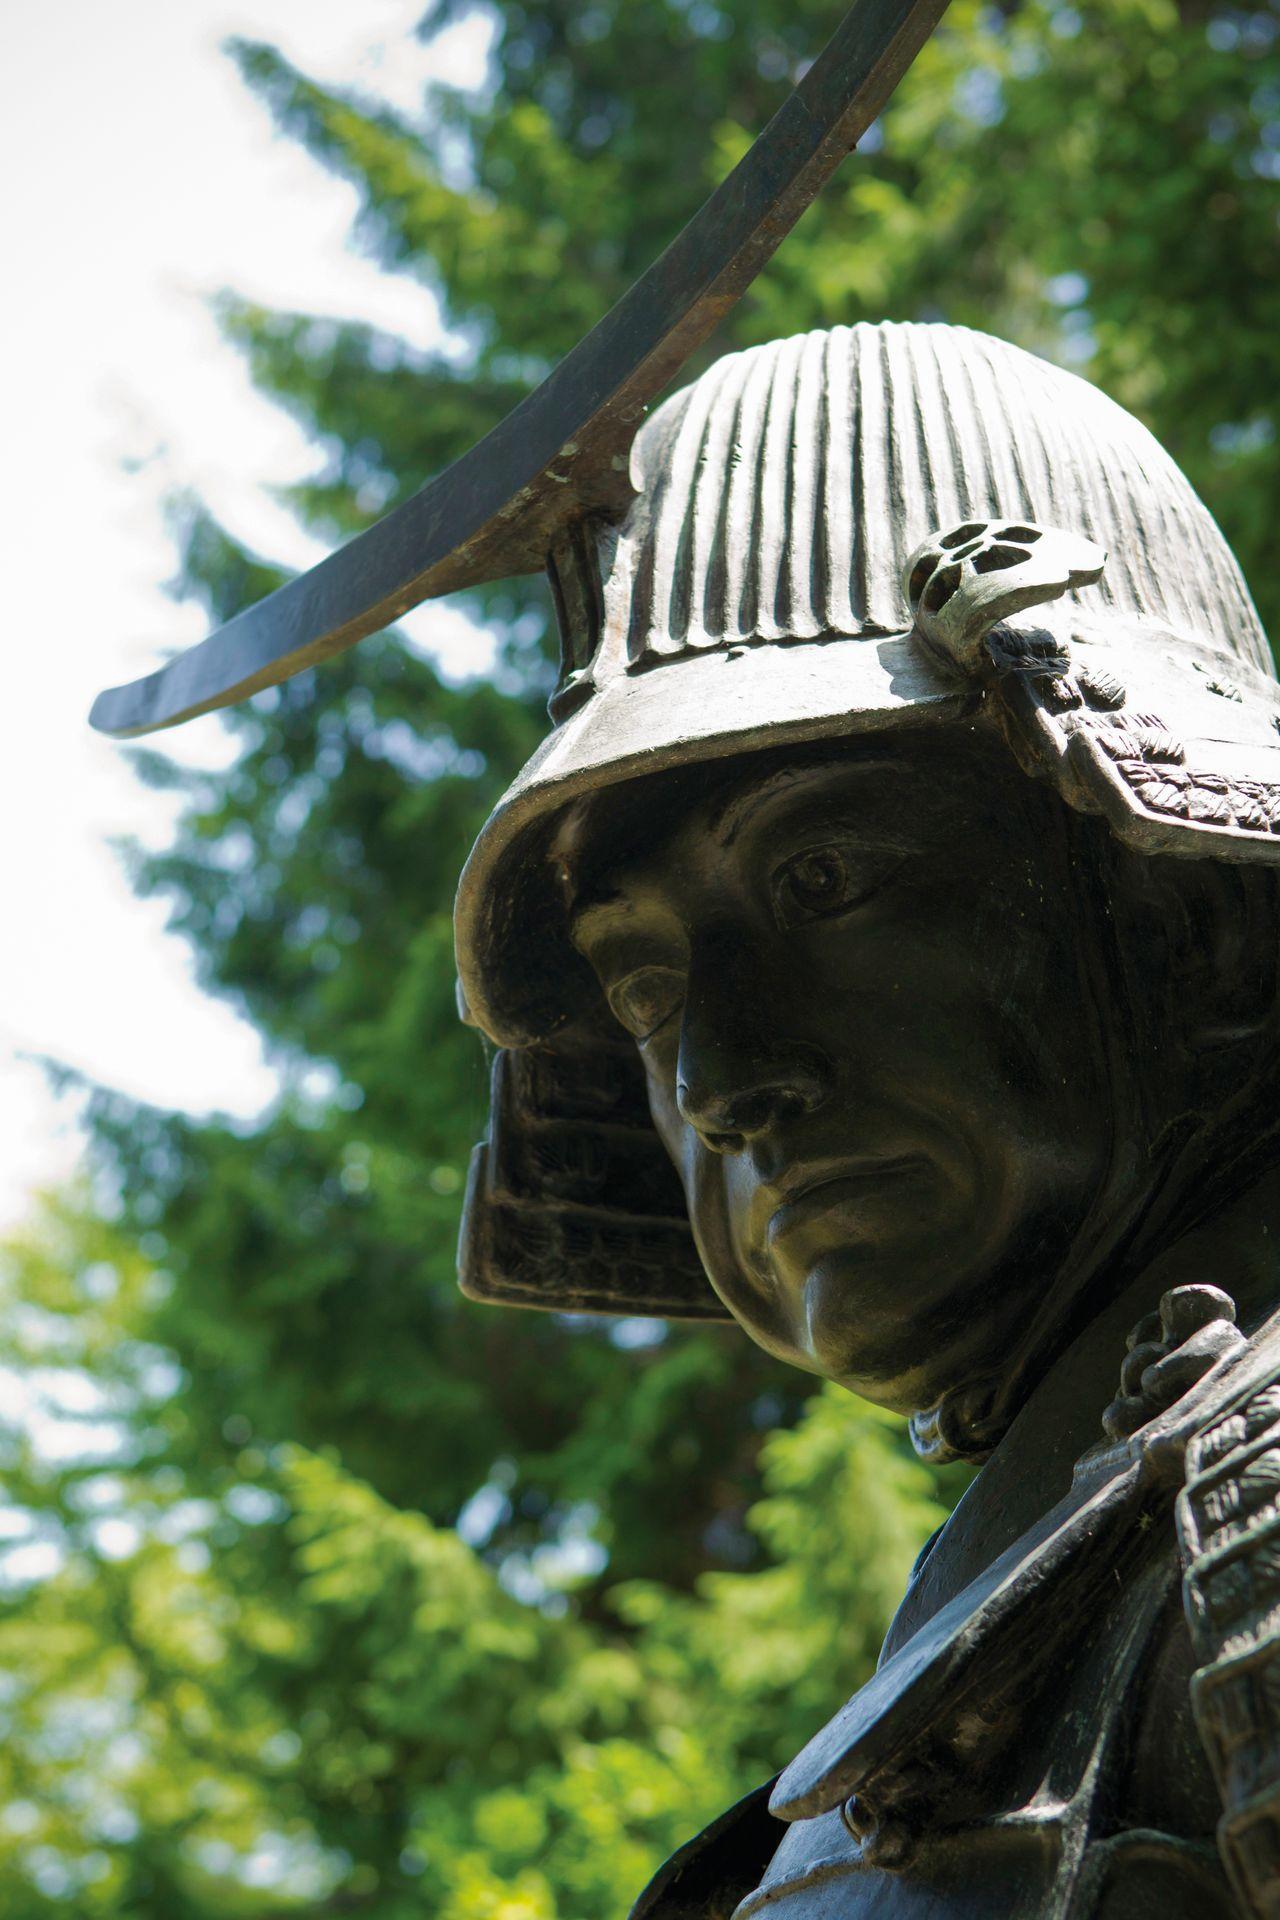 La mayoría de las pinturas y estatuas de Masamune lo muestran con los dos ojos abiertos. Se dice que el propio guerrero solicitó que la estatua que le hicieran tras su muerte tuviera esta característica. (Fotografía por cortesía de la Asociación Internacional de Turismo de Sendai)